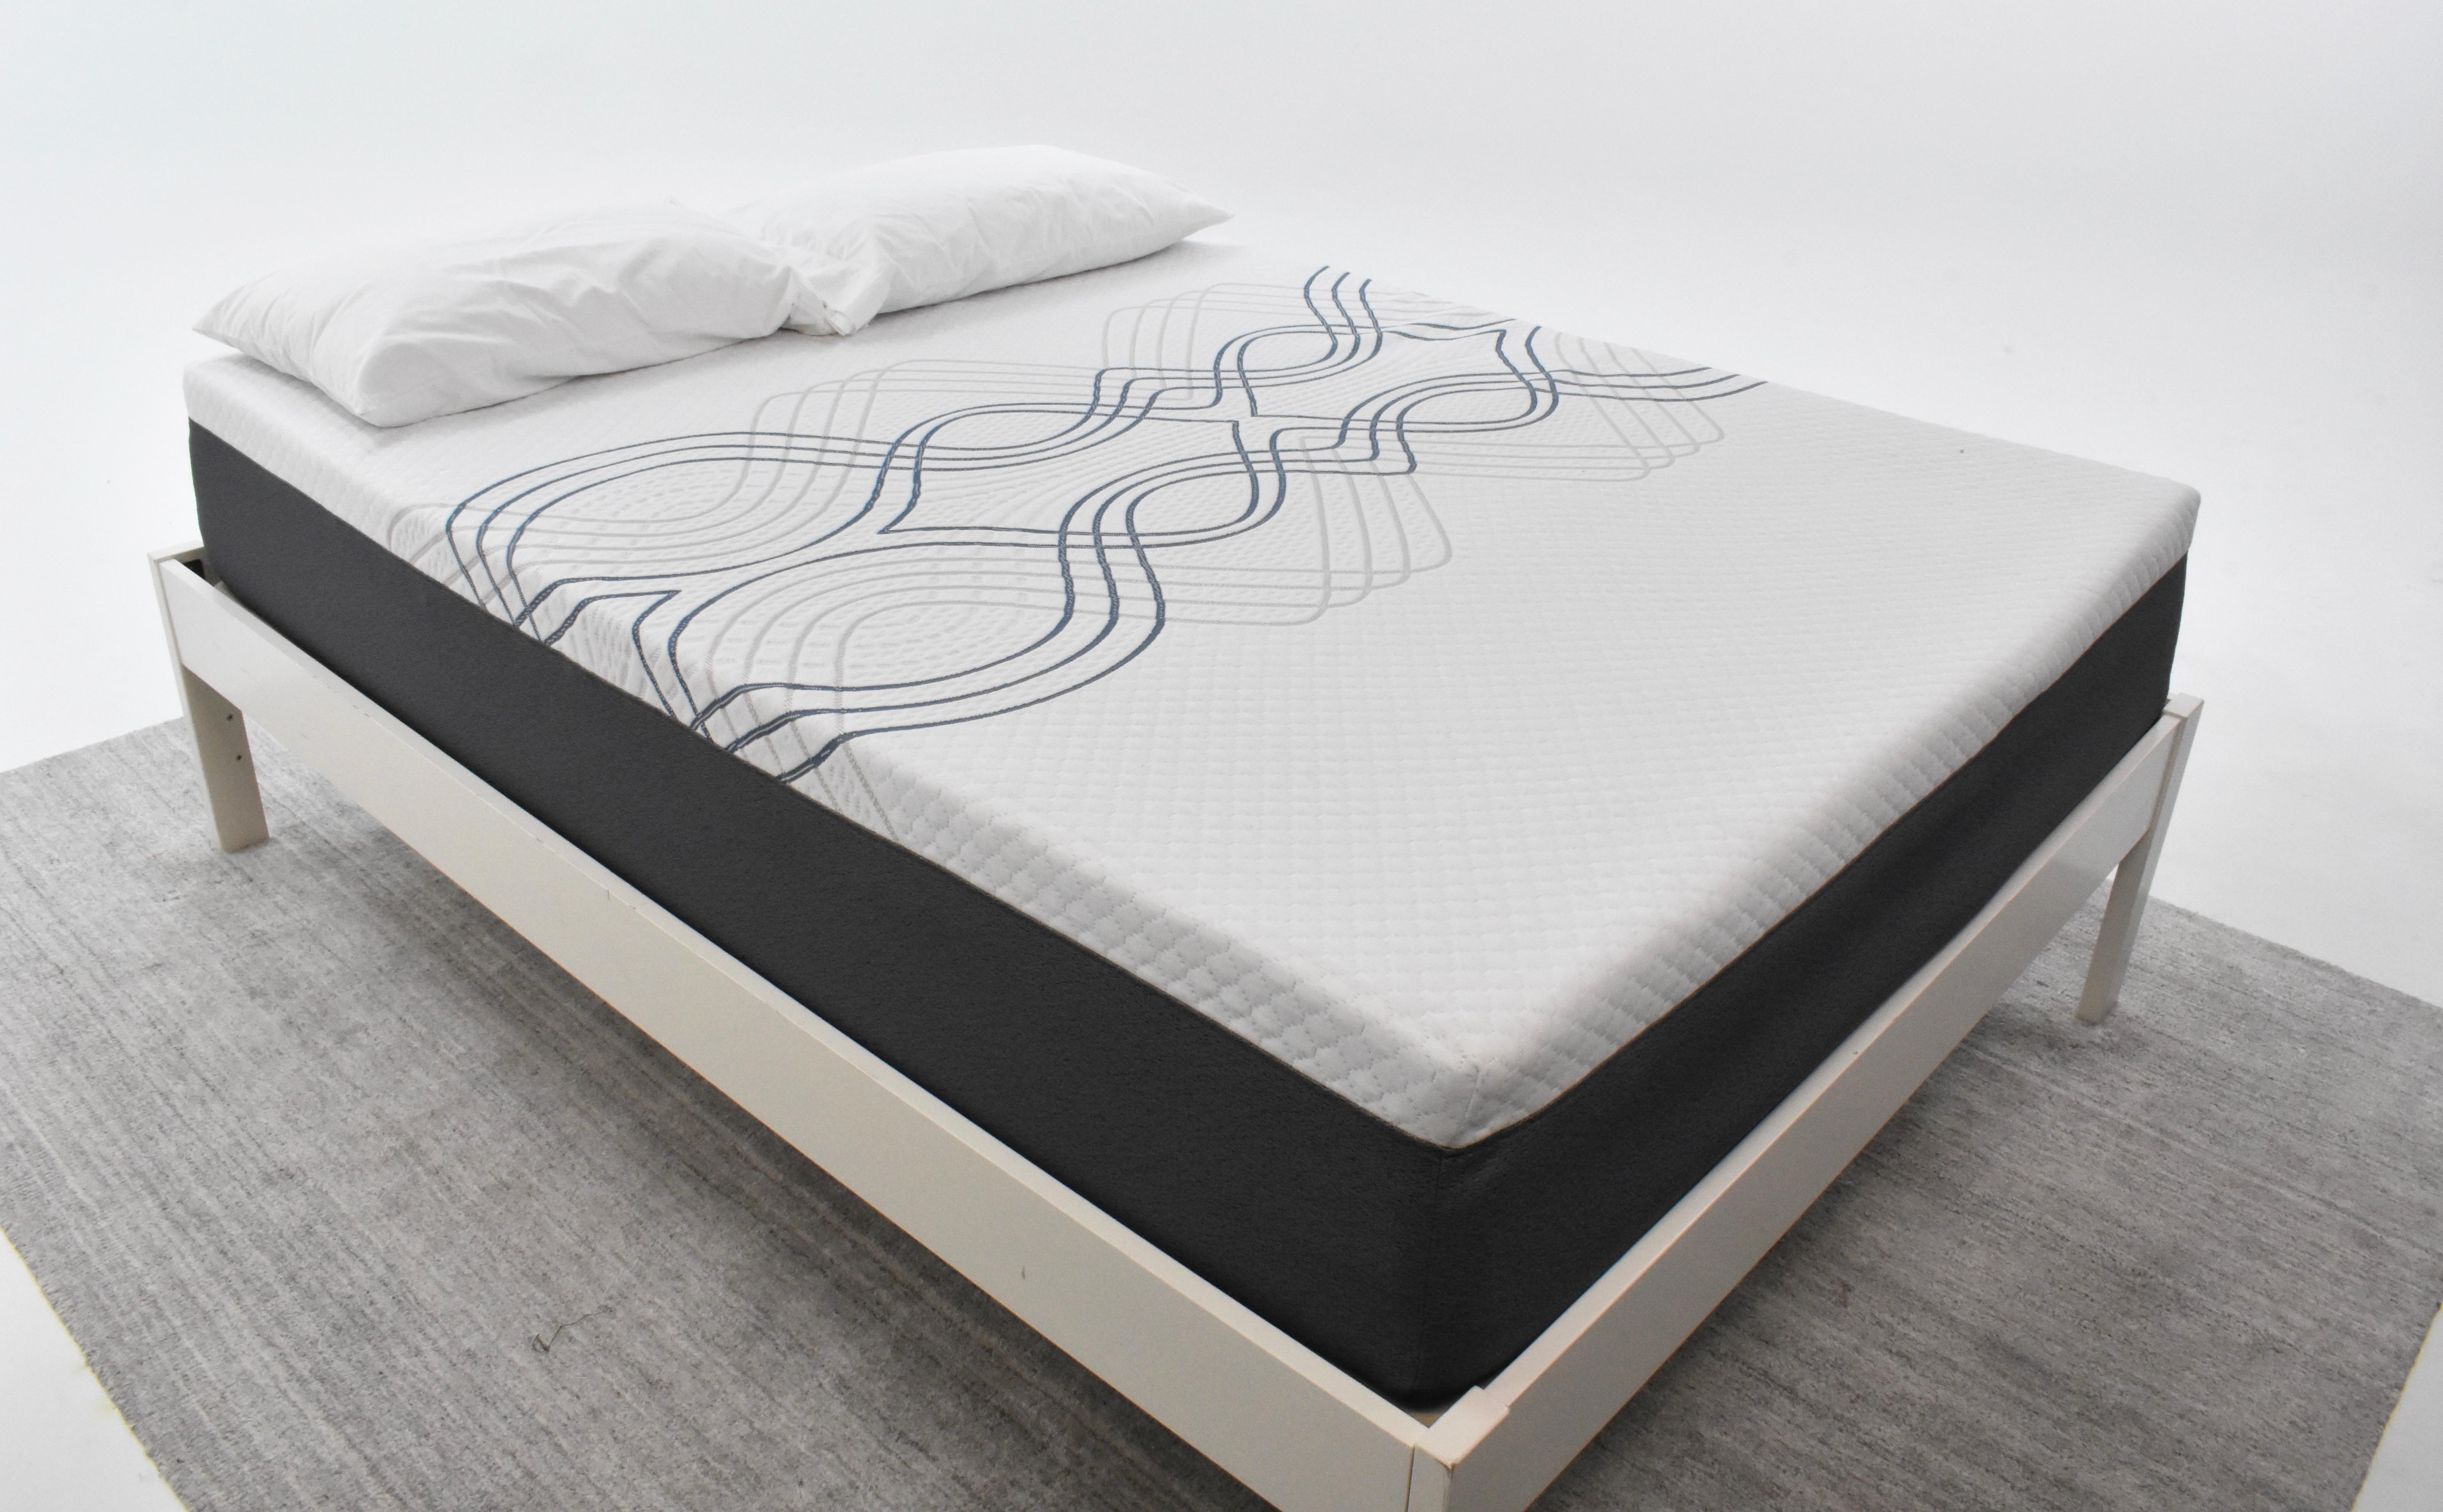 eLuxury hybrid mattress on a bedframe in the mattress lab